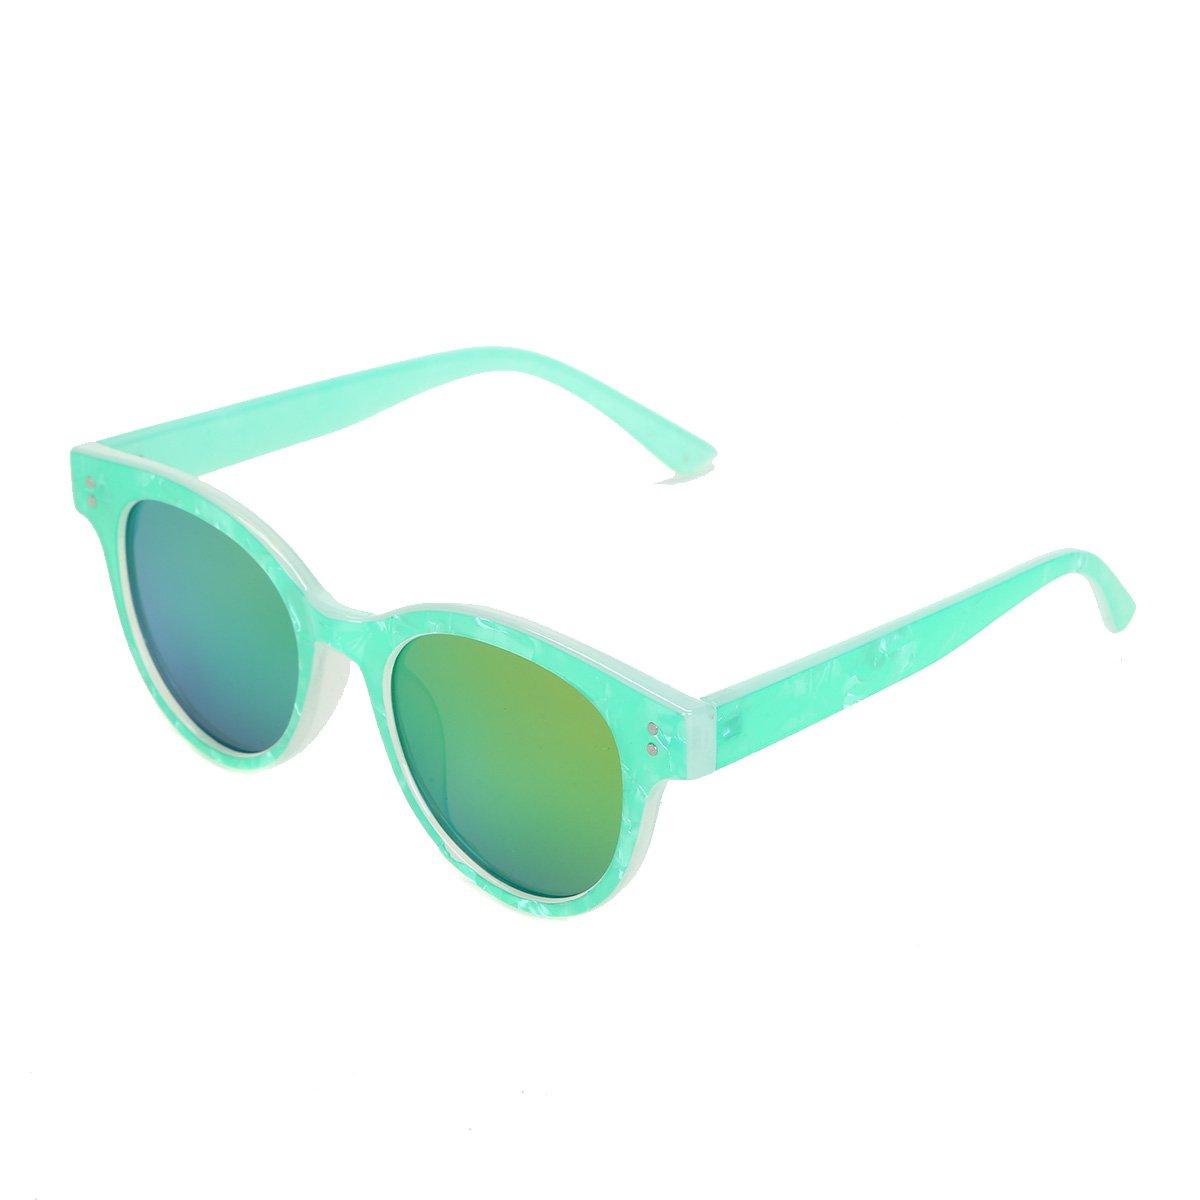 66f14df86 Óculos de Sol King One A79 Feminino - Shopping TudoAzul